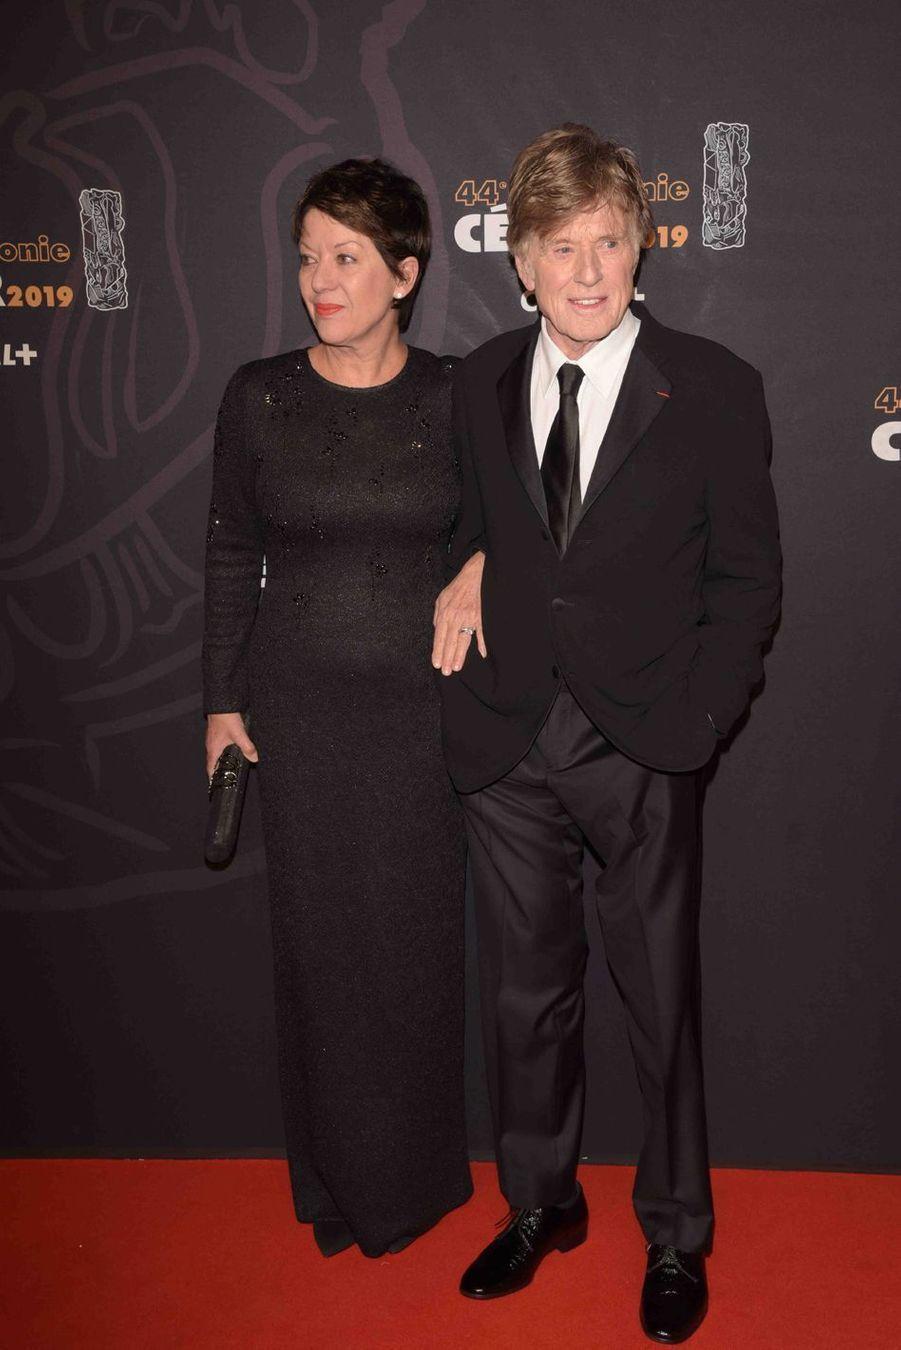 Robert Redford et son épouse Sibylleà la 44e cérémonie des César à la Salle Pleyel à Paris le 22 février 2019